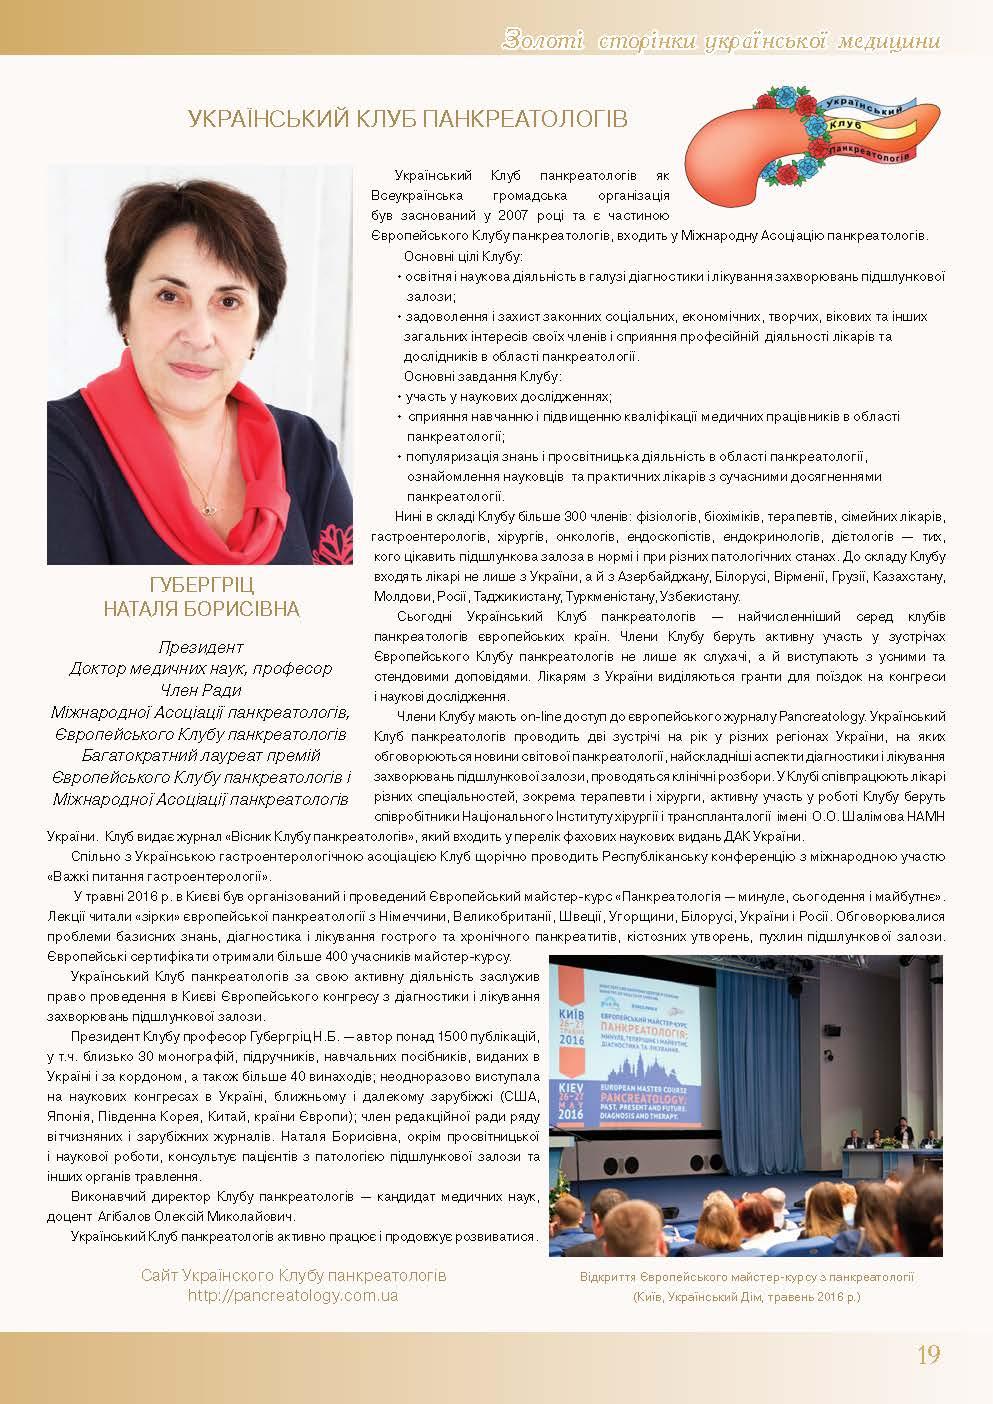 Український клуб панкреатологів